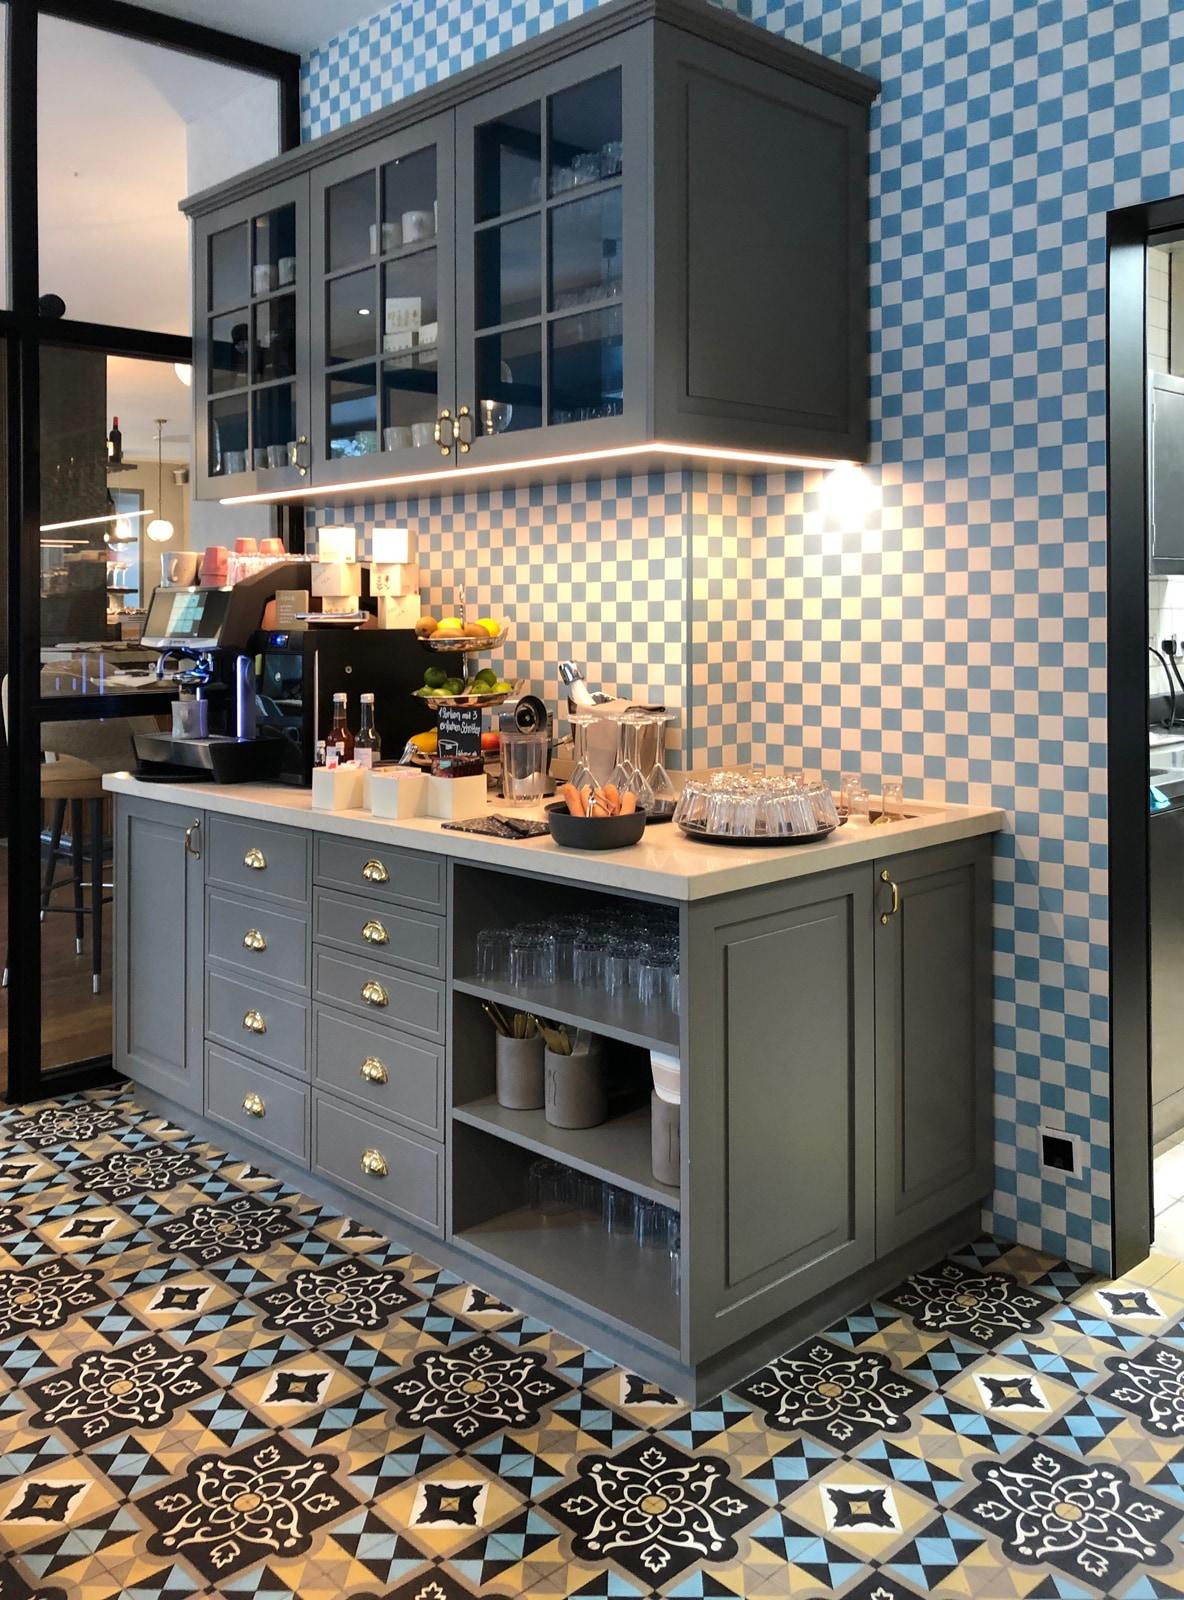 zementmosaikplatten-nummer-12460-hotel-via-gmbh | 10351